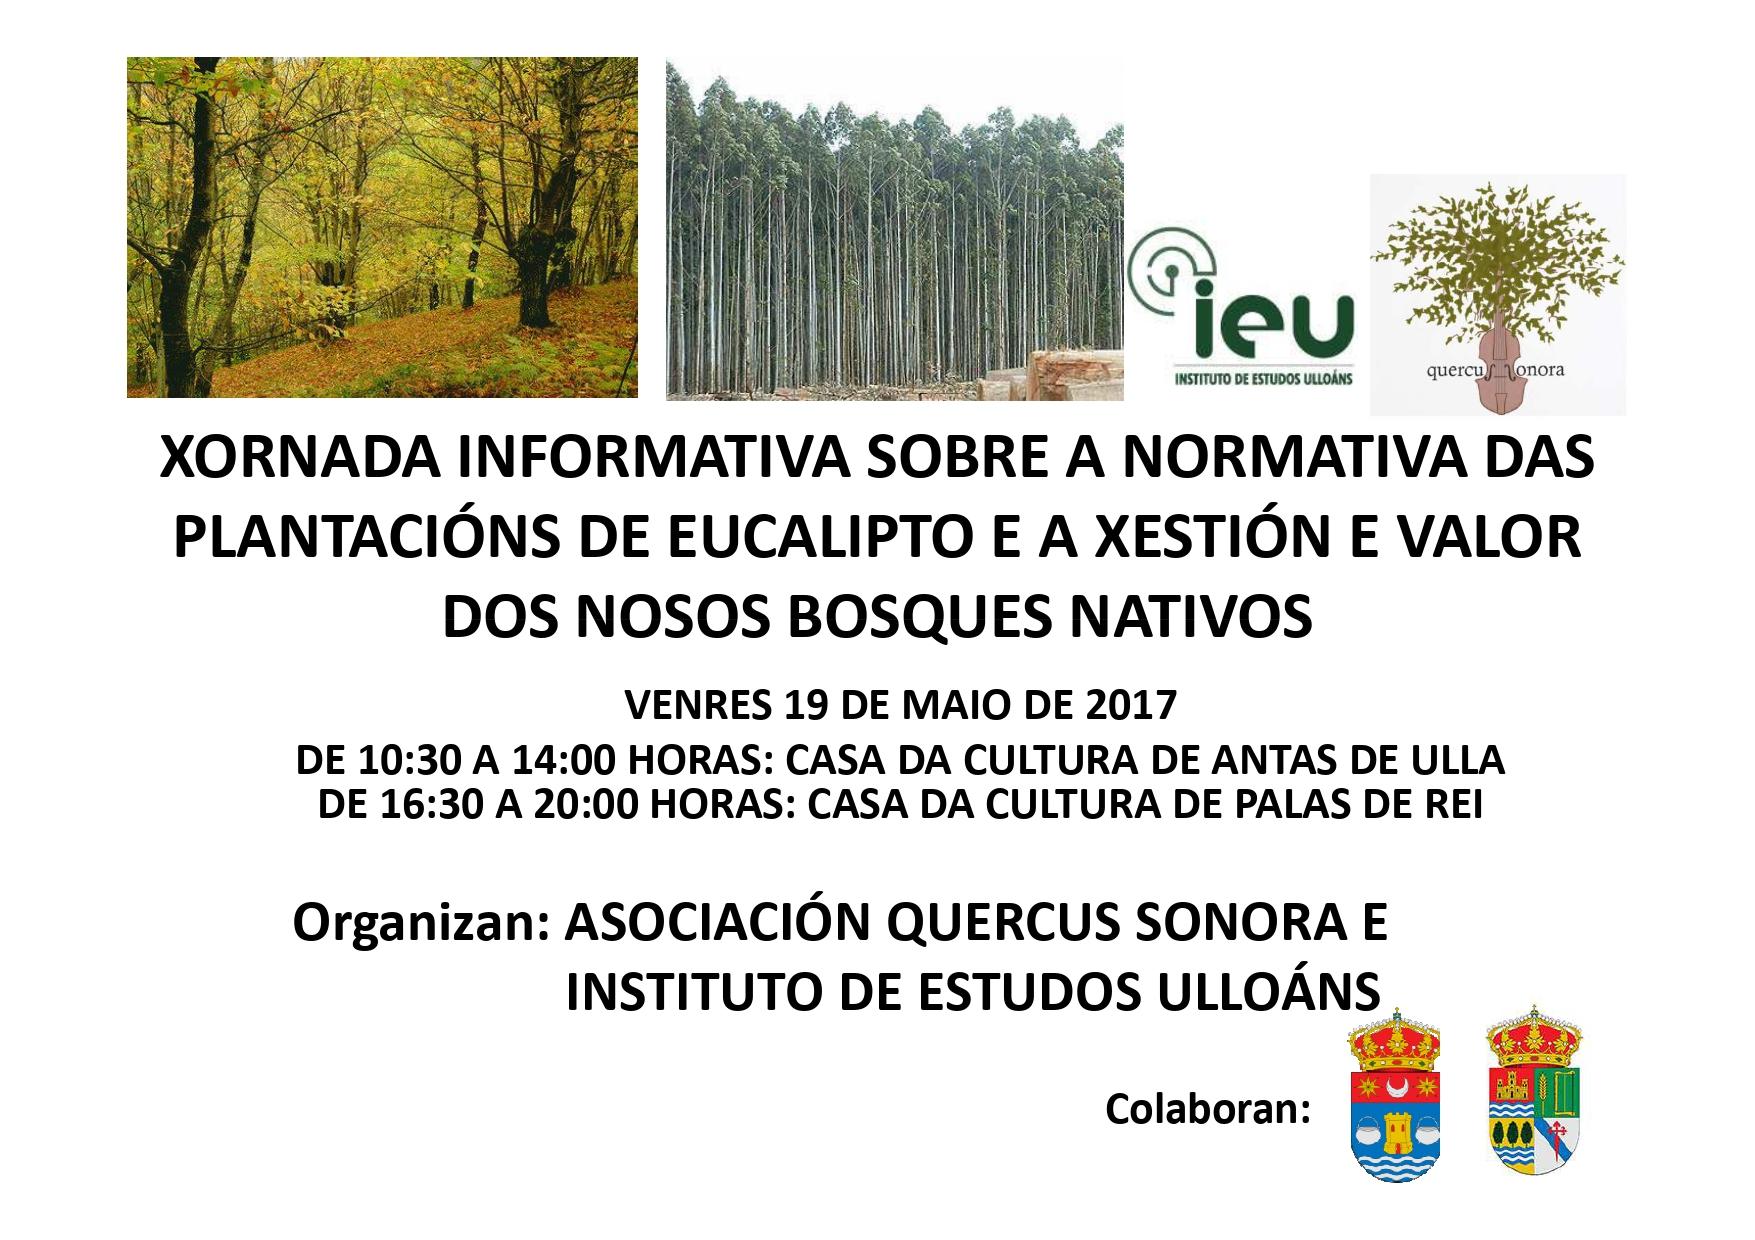 Xornada informativa normativa plantación eucalipto 19-5-2017, Instituto de Estudos Ulloáns, Quercus Sonora, IEU